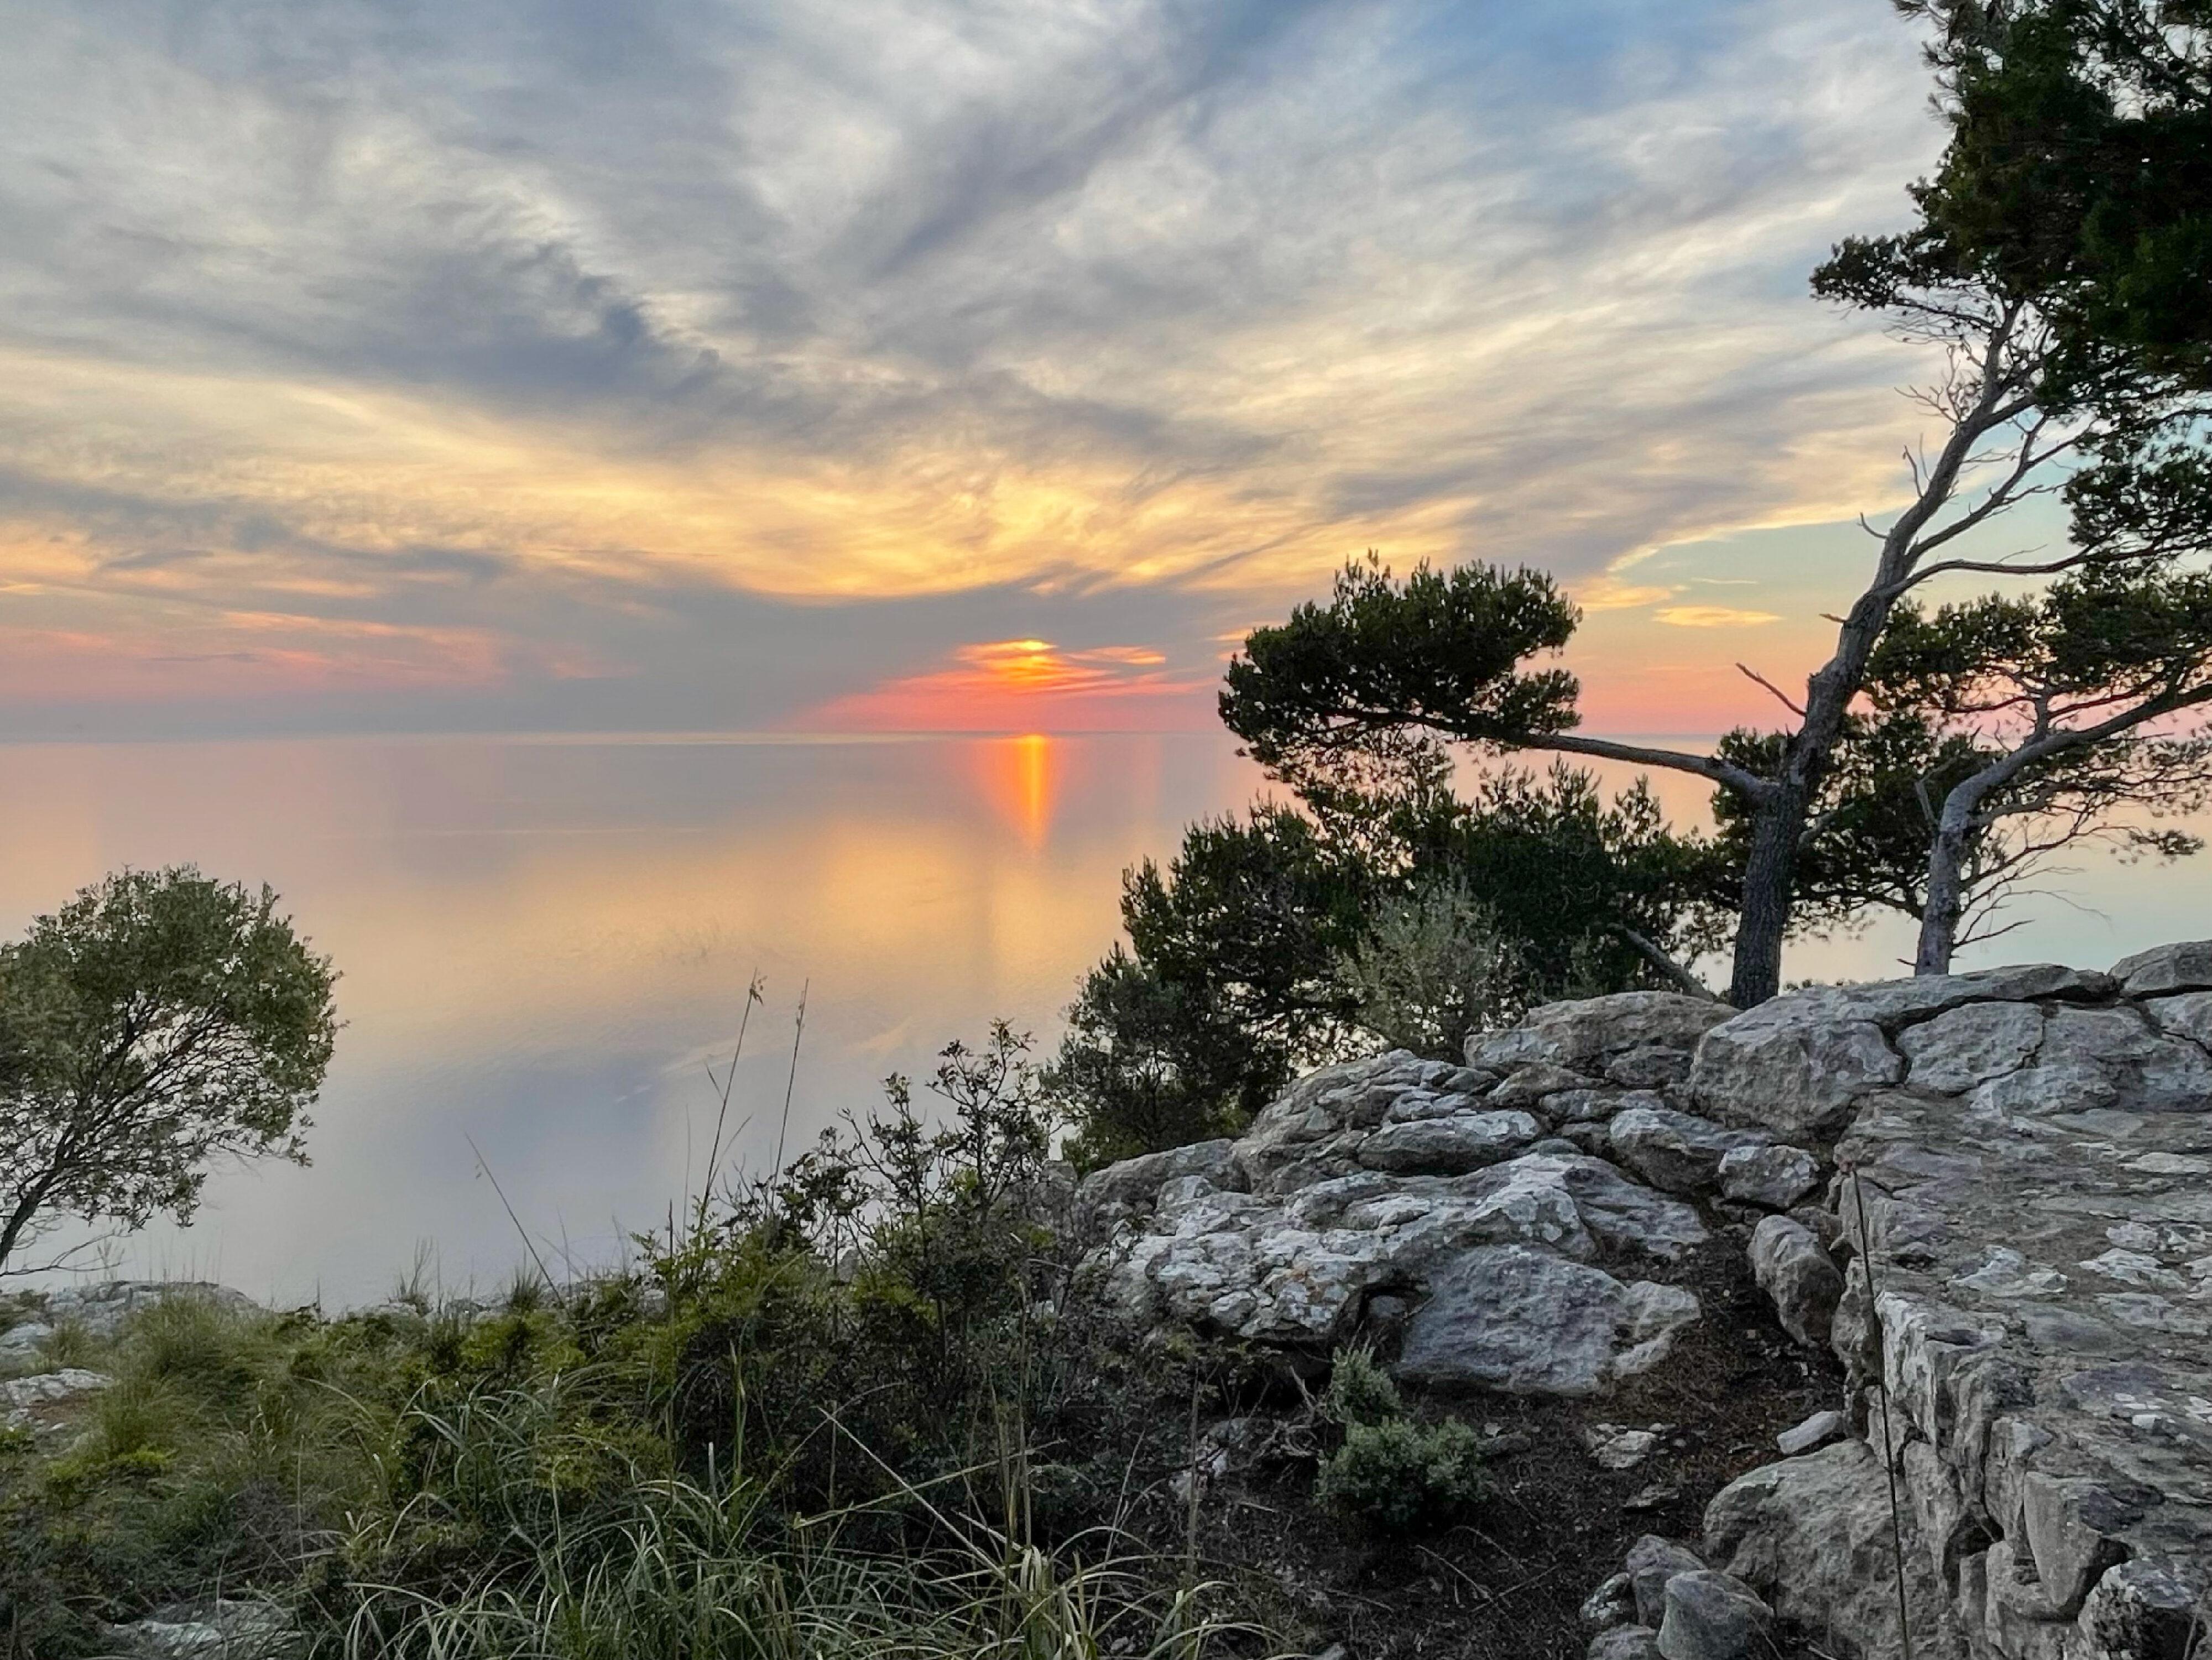 Ein einzigartiger Sonnenuntergang bahnt sich an.